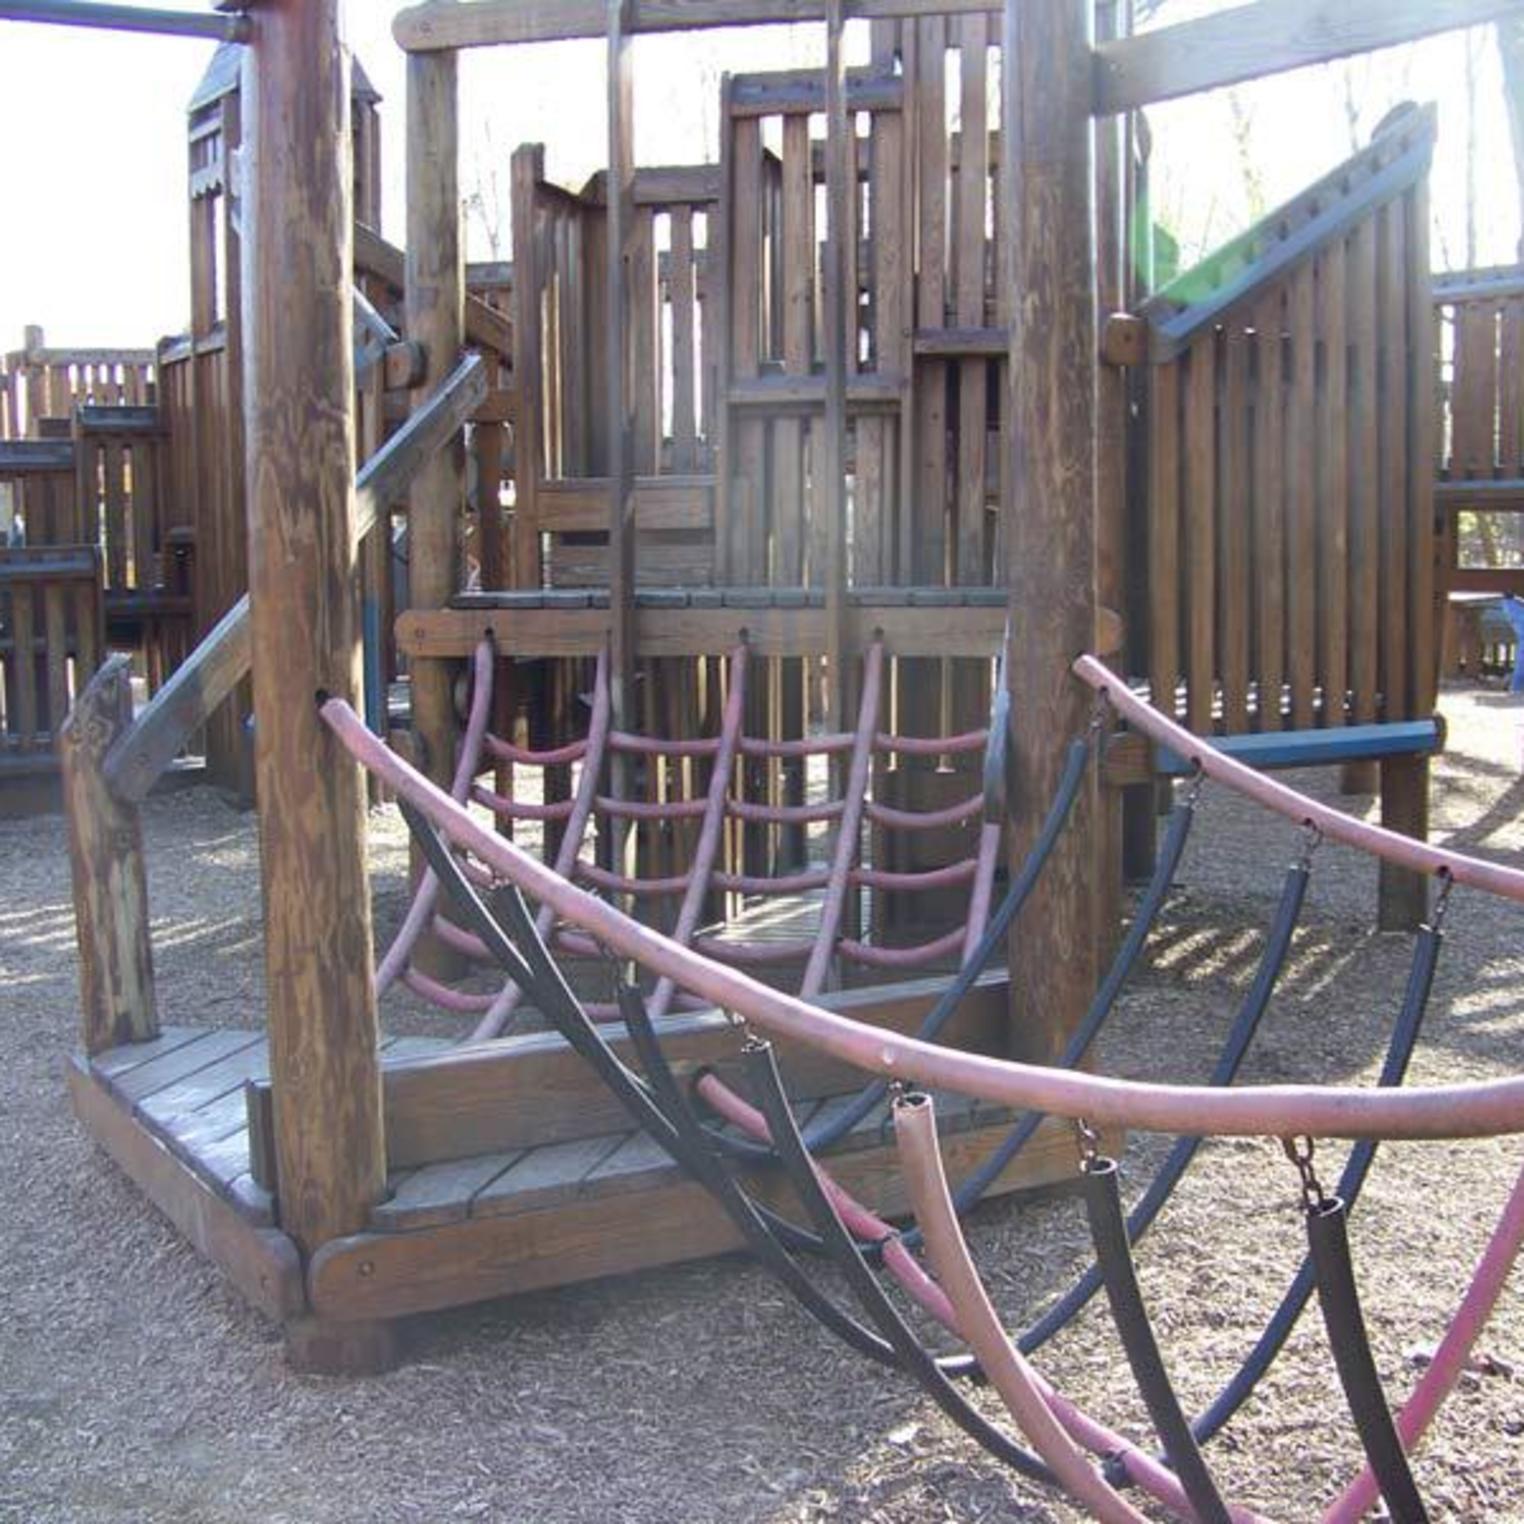 LeTort Park